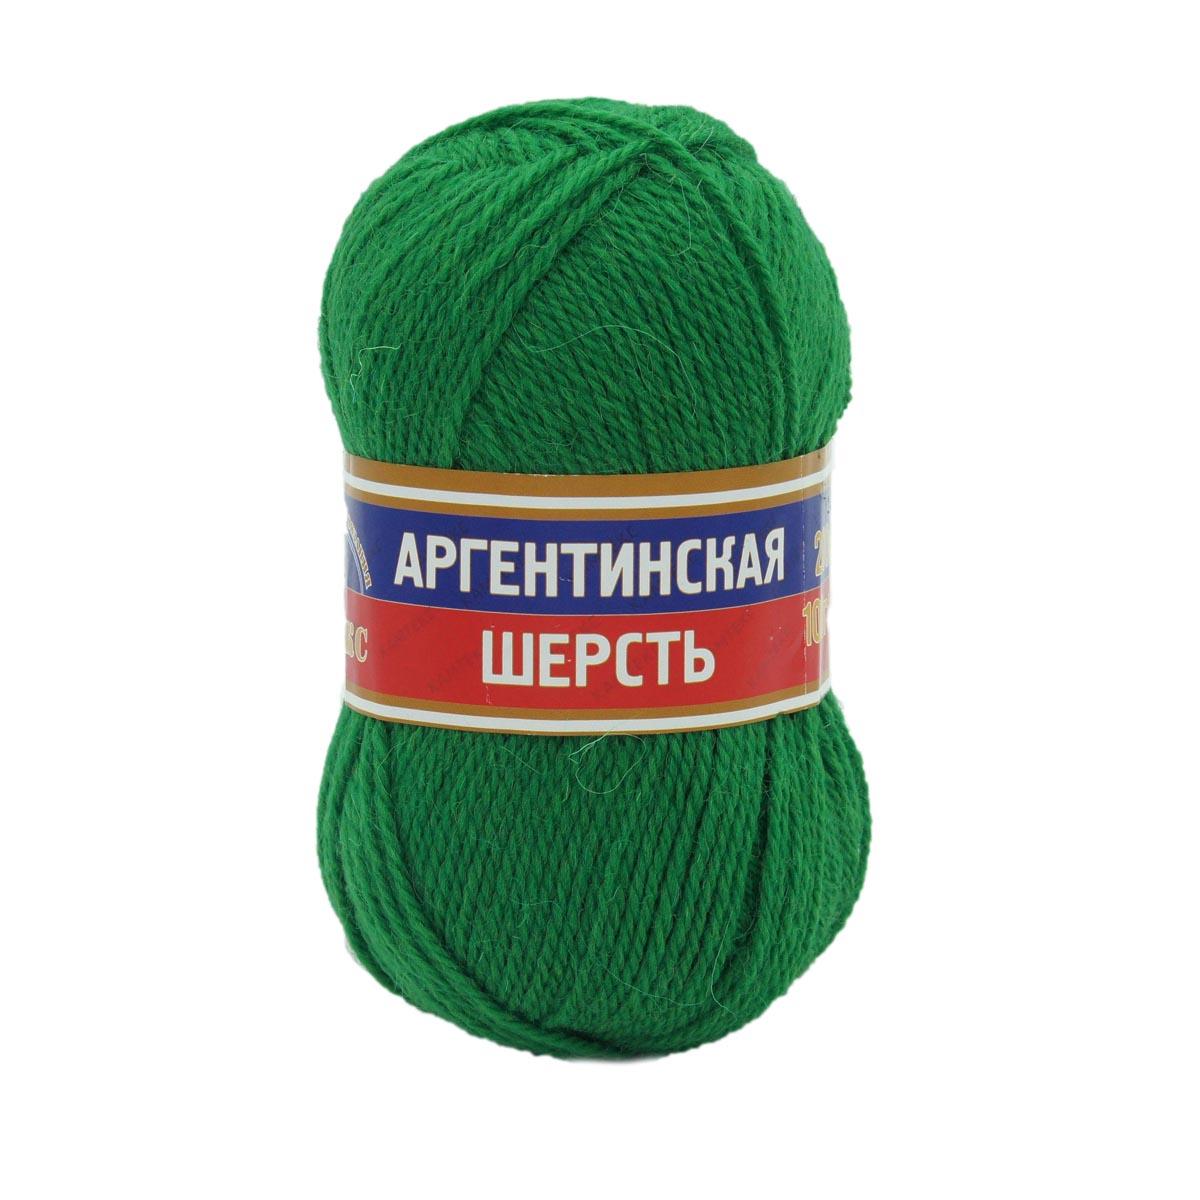 Пряжа Камтекс 'Аргентинская шерсть' (100%шерсть) (044 трава) фото